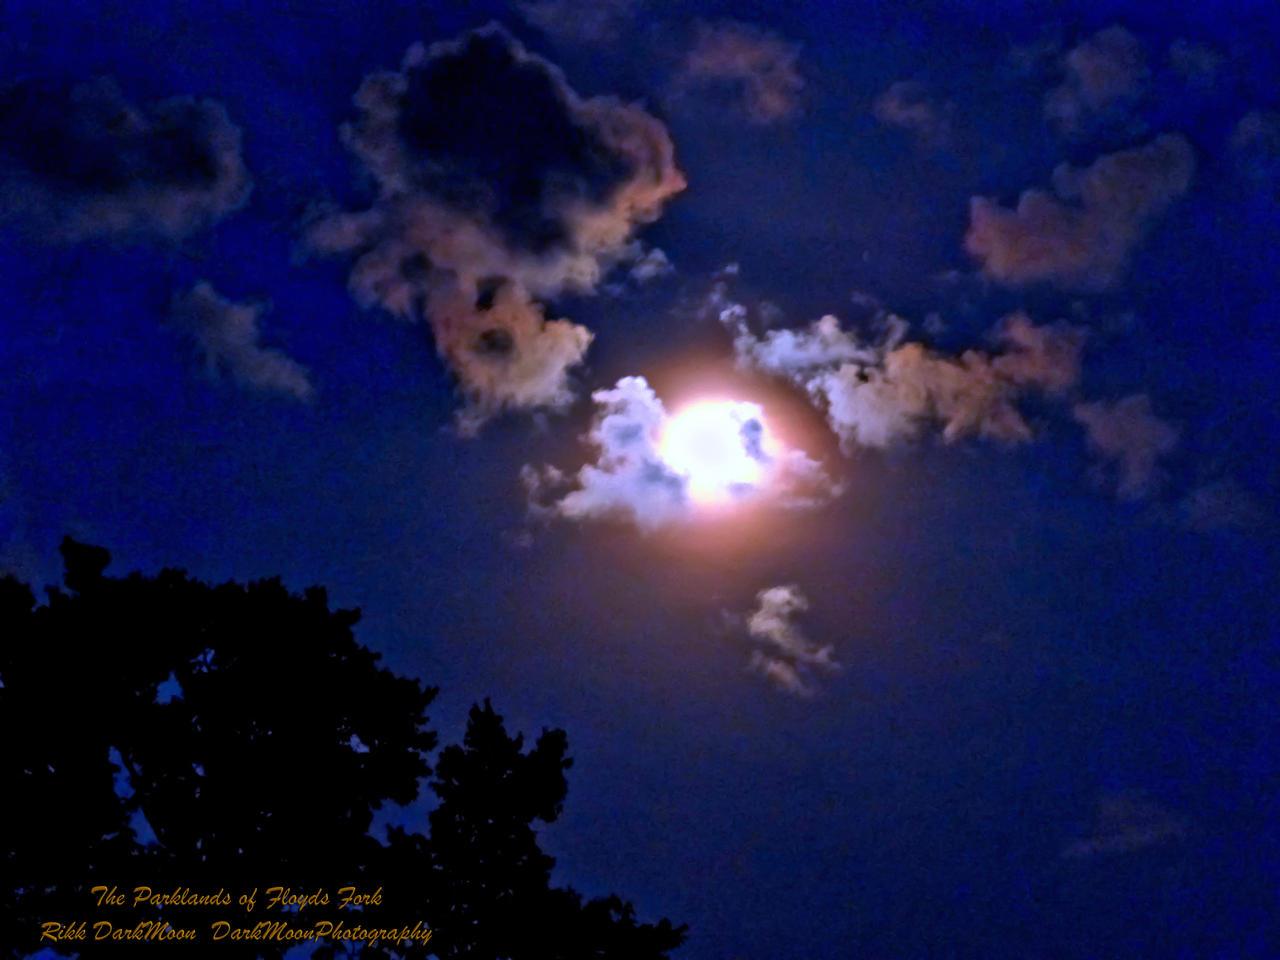 00-ParklandsOfFloydsFork-FullMoon-P1010278-WP- by darkmoonphoto